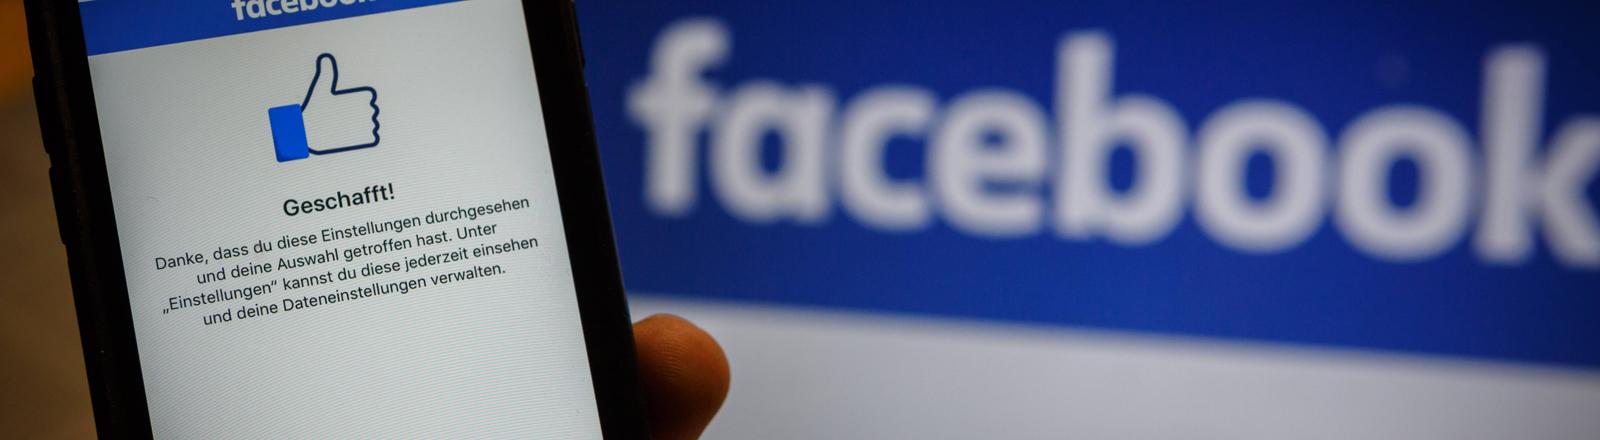 Datenschutzeinstellungen bei Facebook auf einem Smartphone